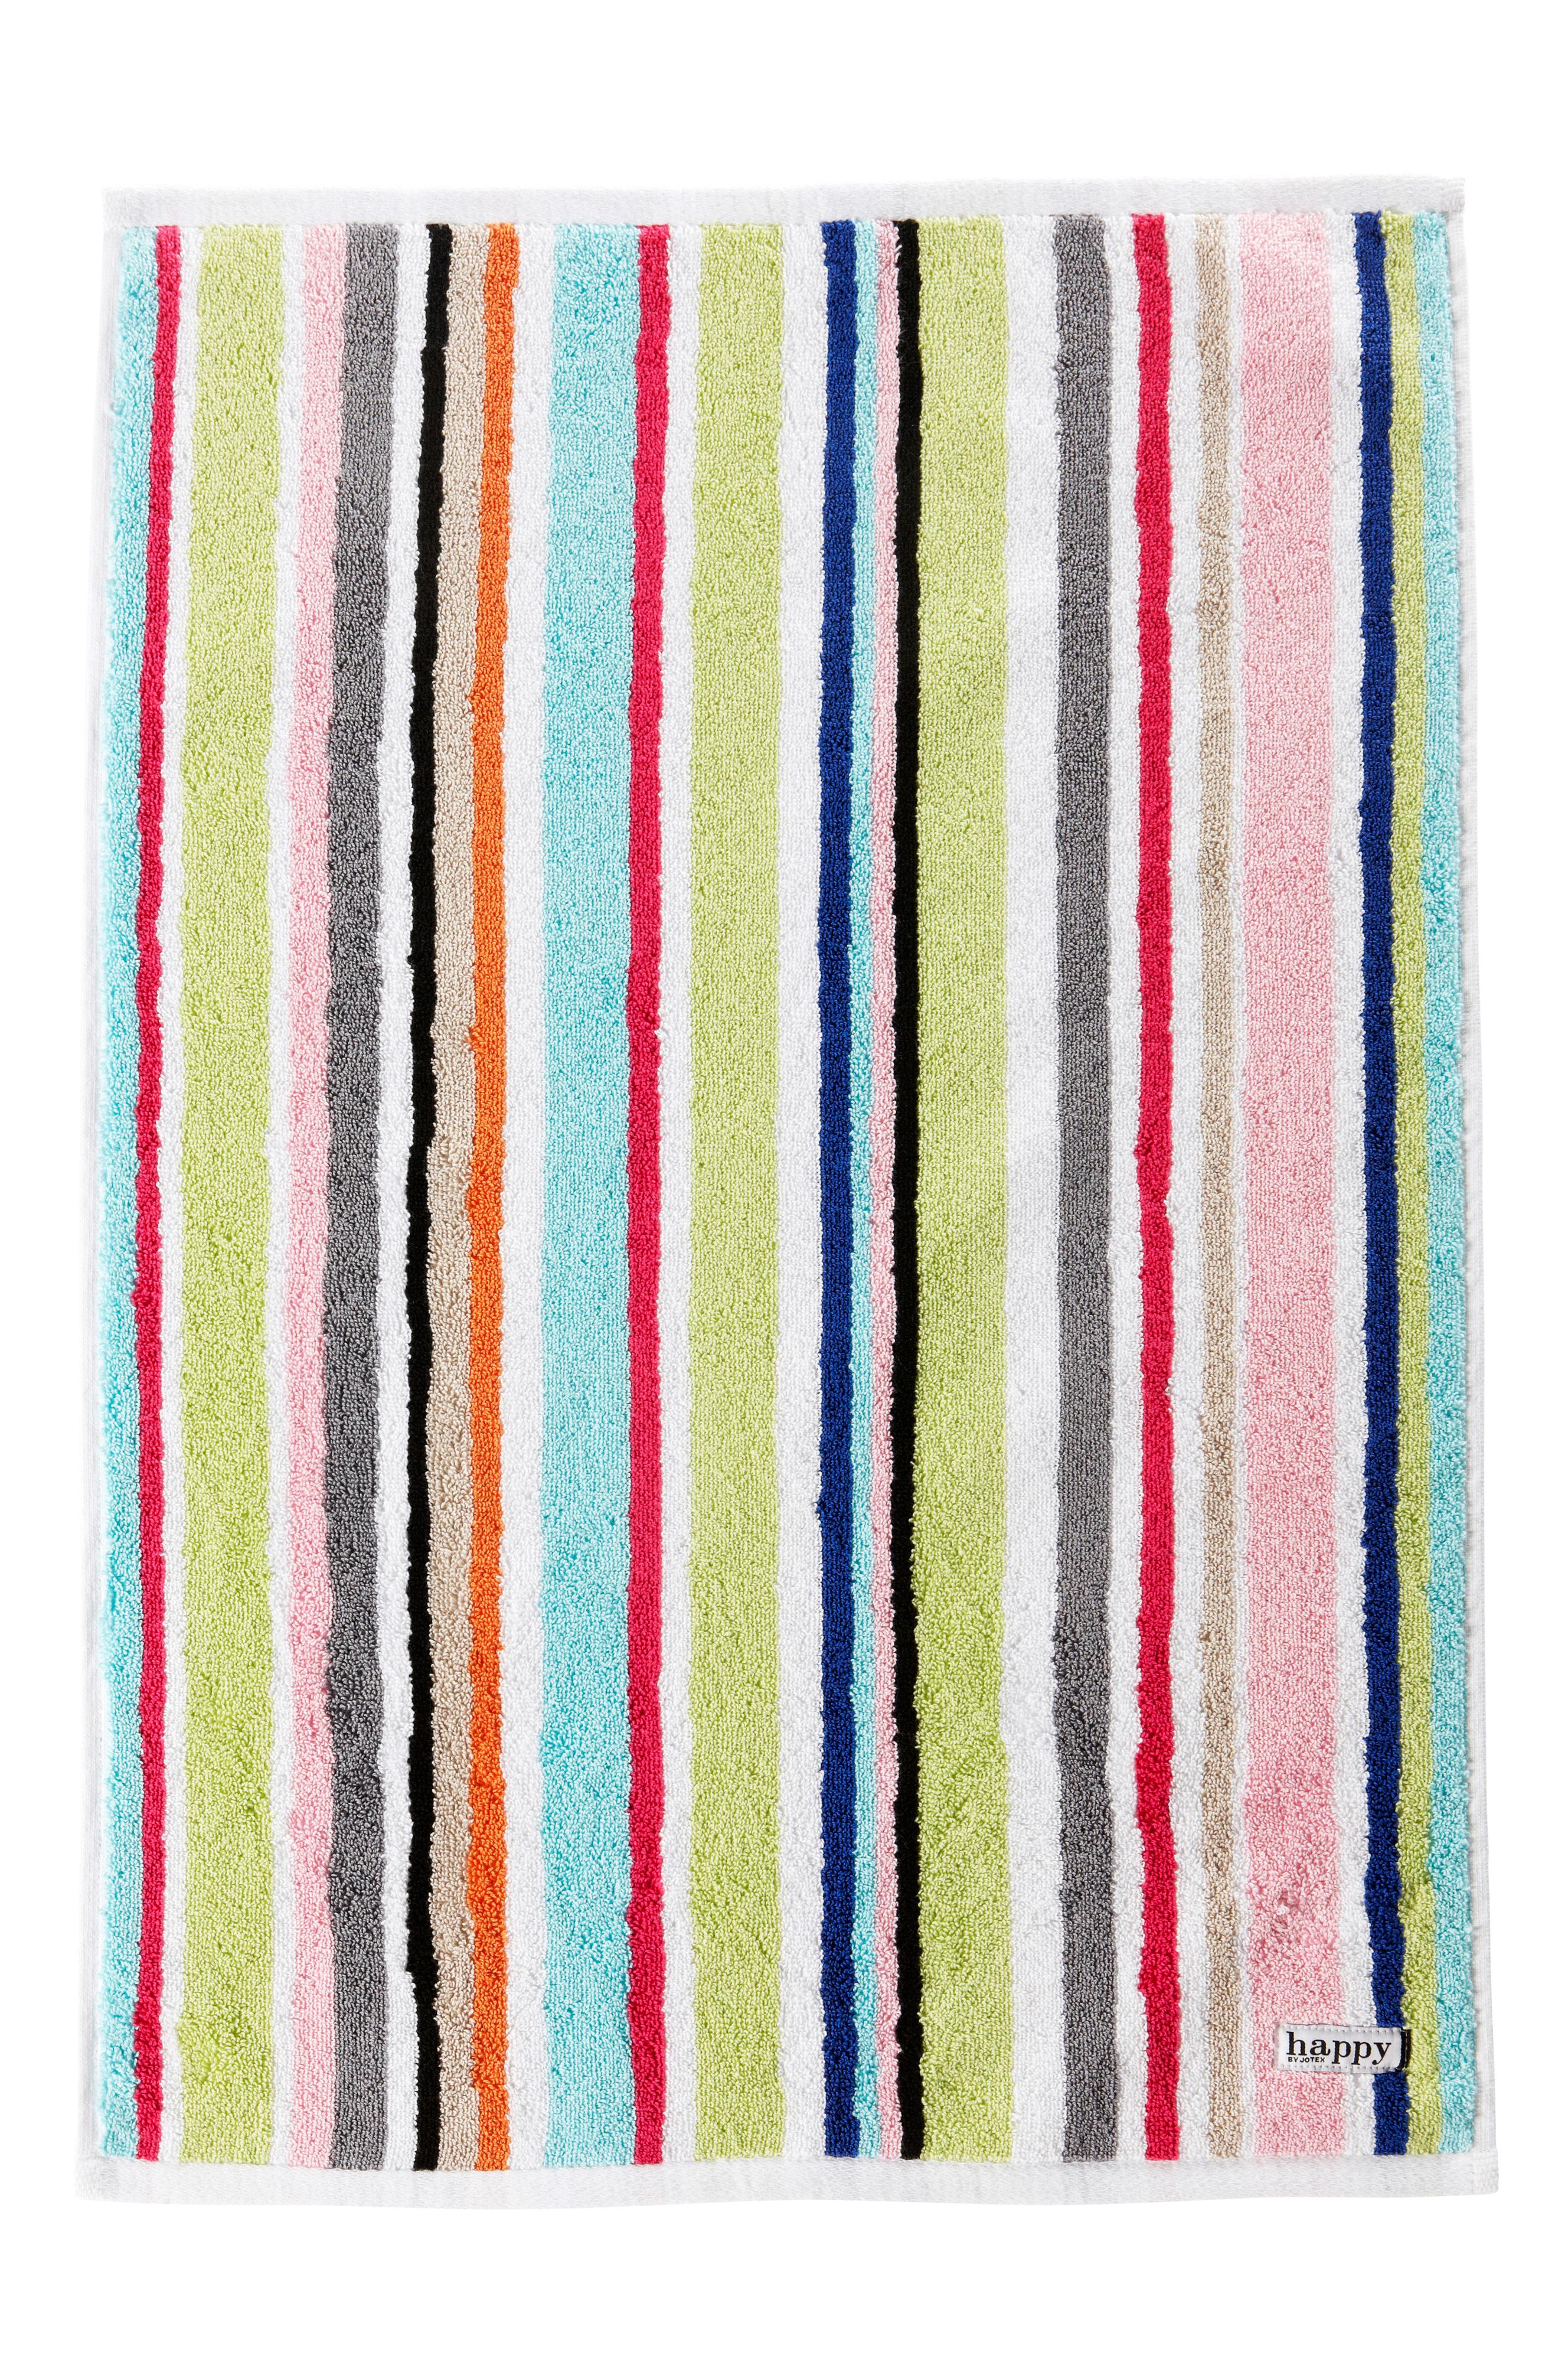 Happy rand HAPPY RAND kylpyhuonematto - Sininen - Kylpyhuoneen tekstiilit -  Jotex.fi fba61331c1a1d